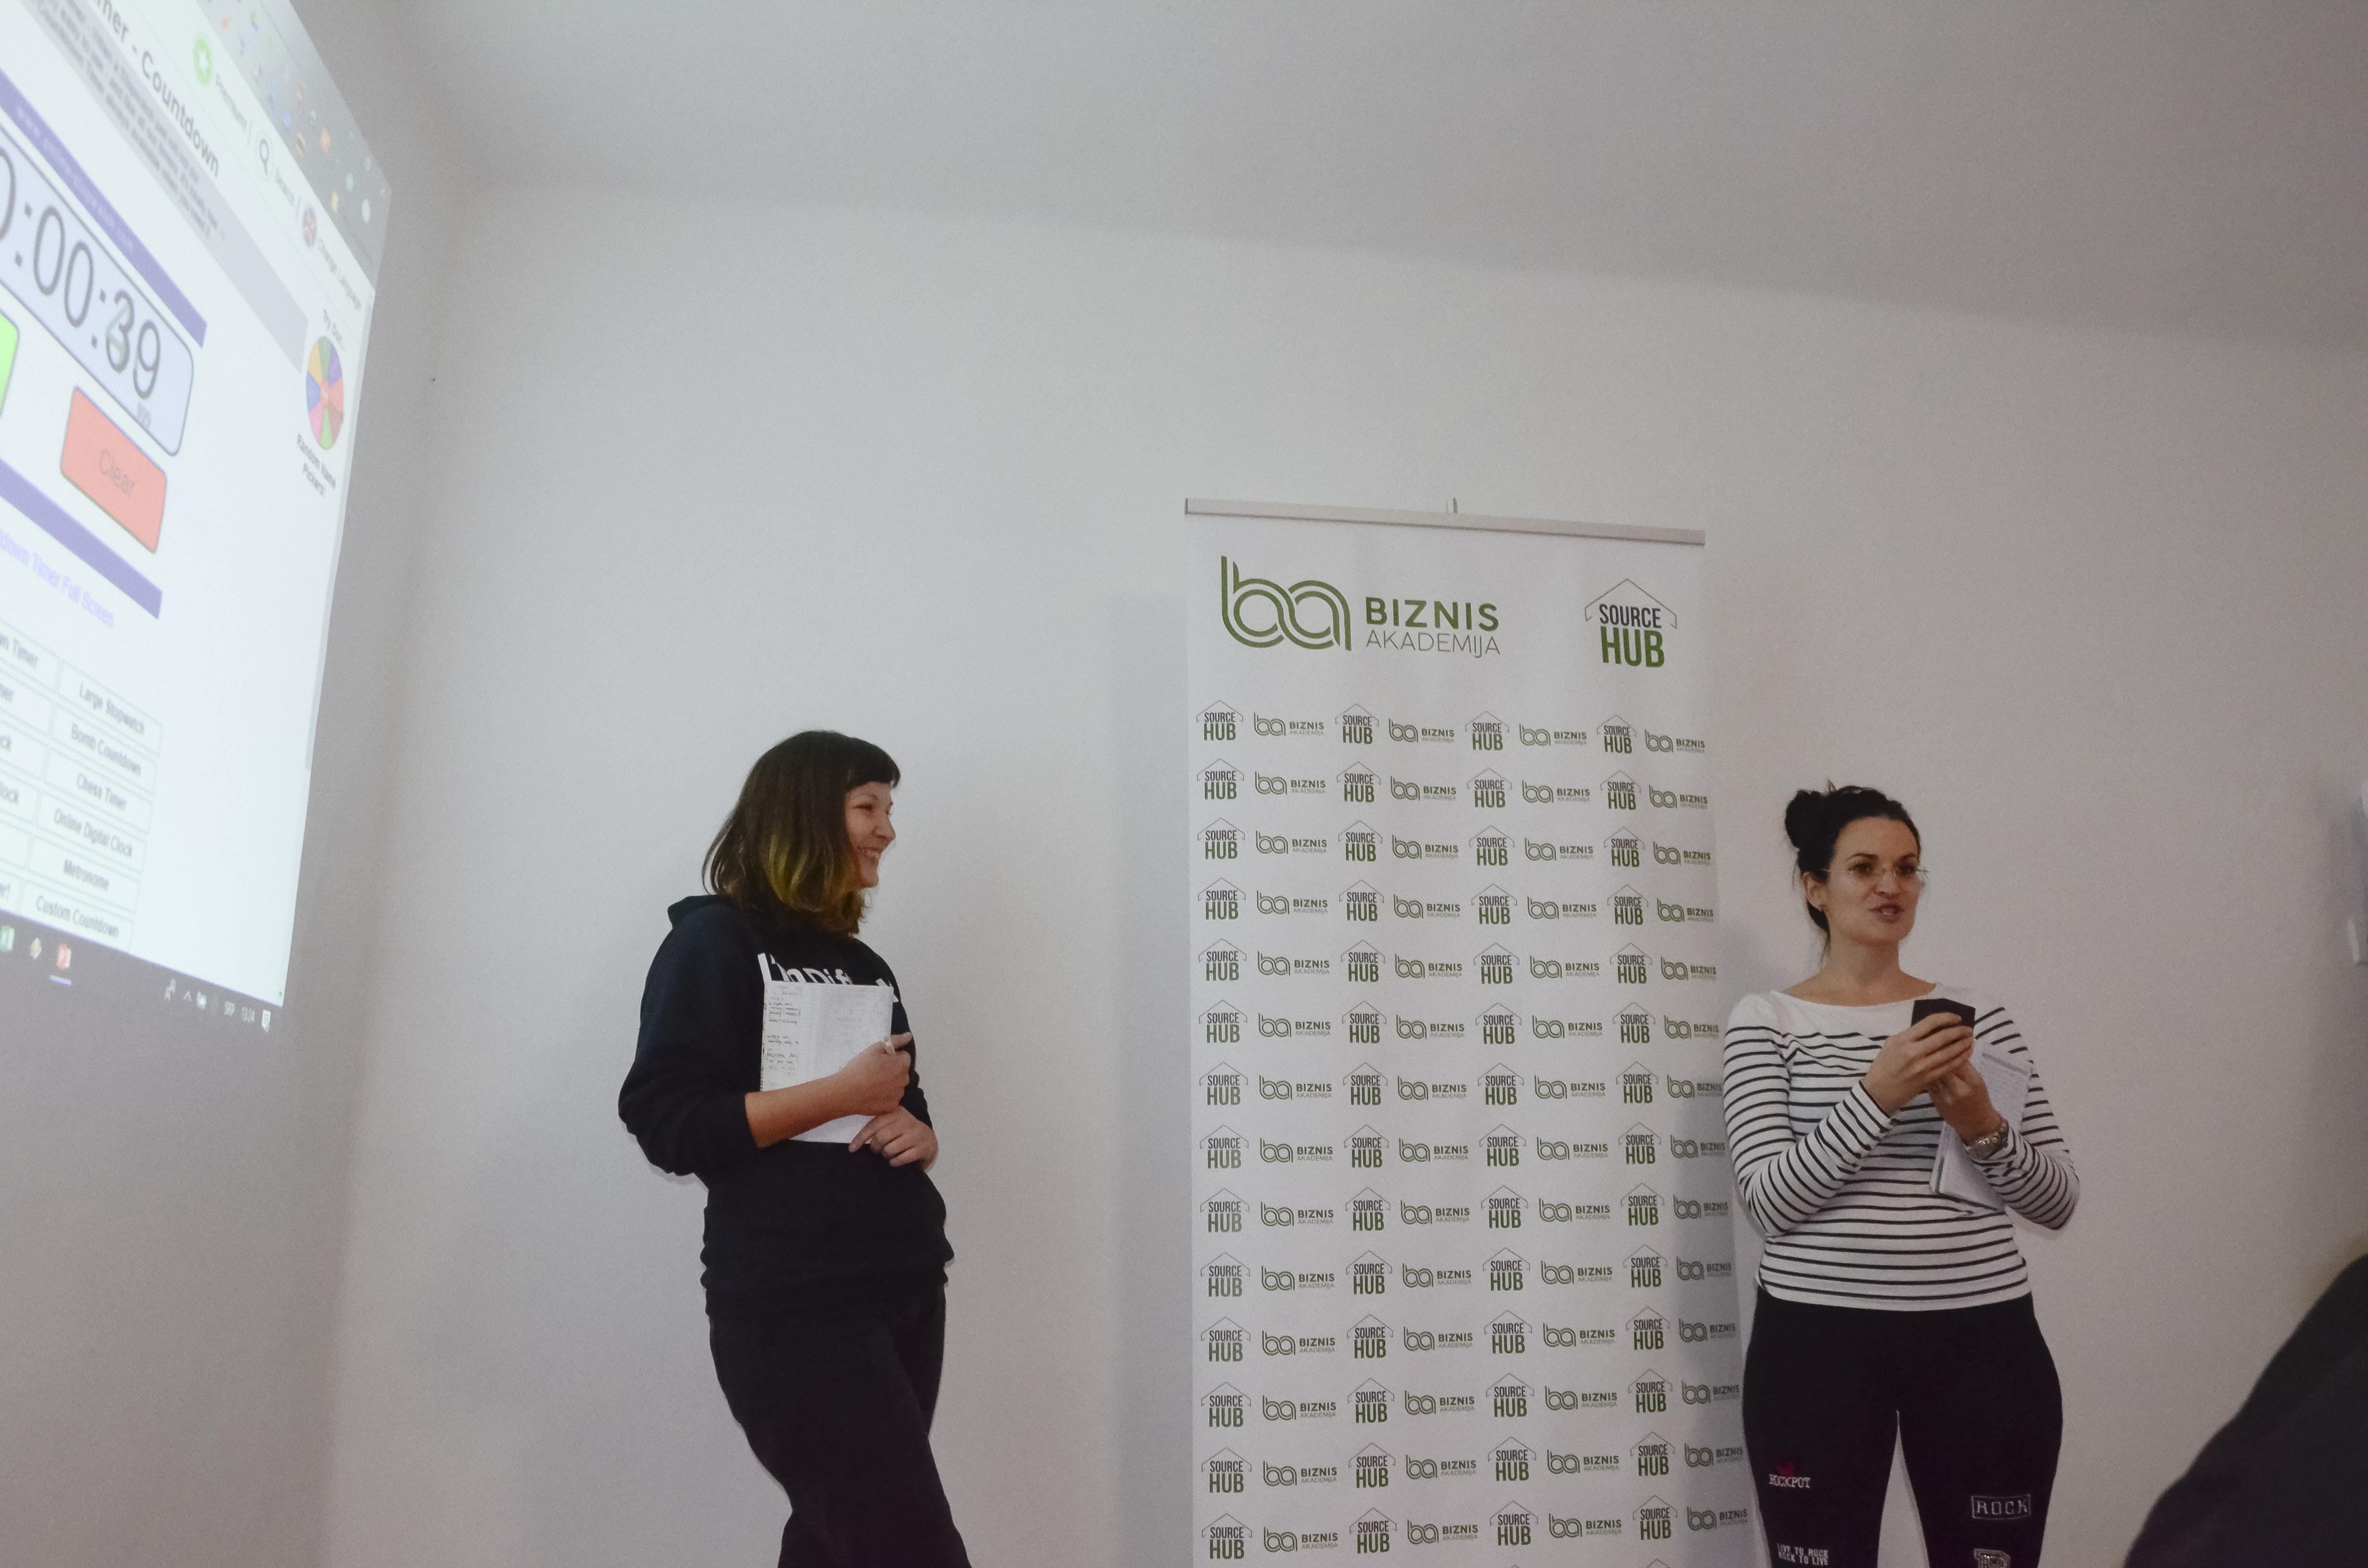 Source Hub Biznis akademija 2018_4